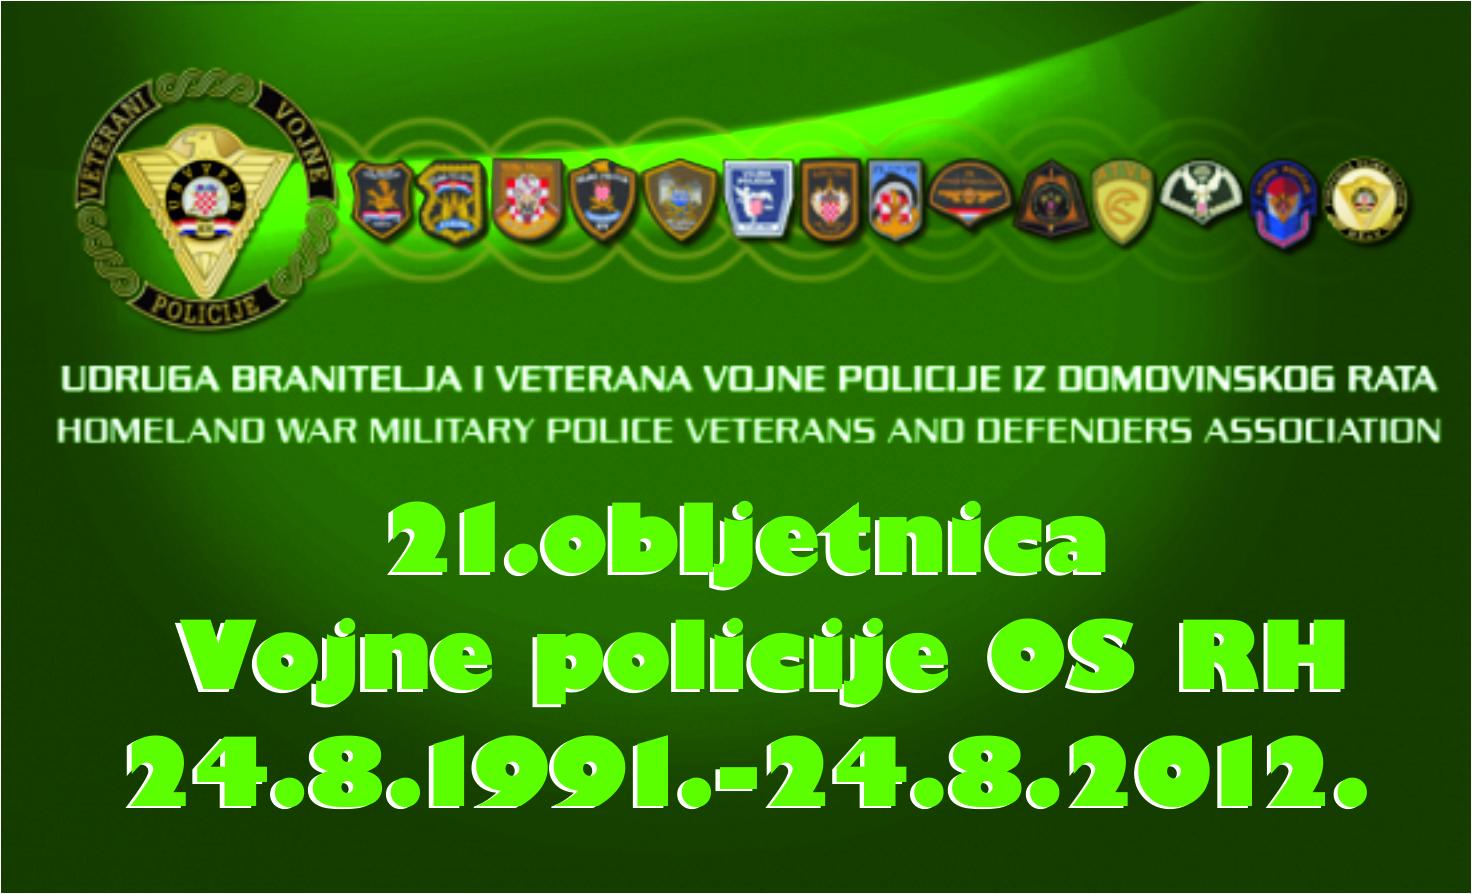 21.Obljetnica osnutka i djelovanja Vojne policije OS RH